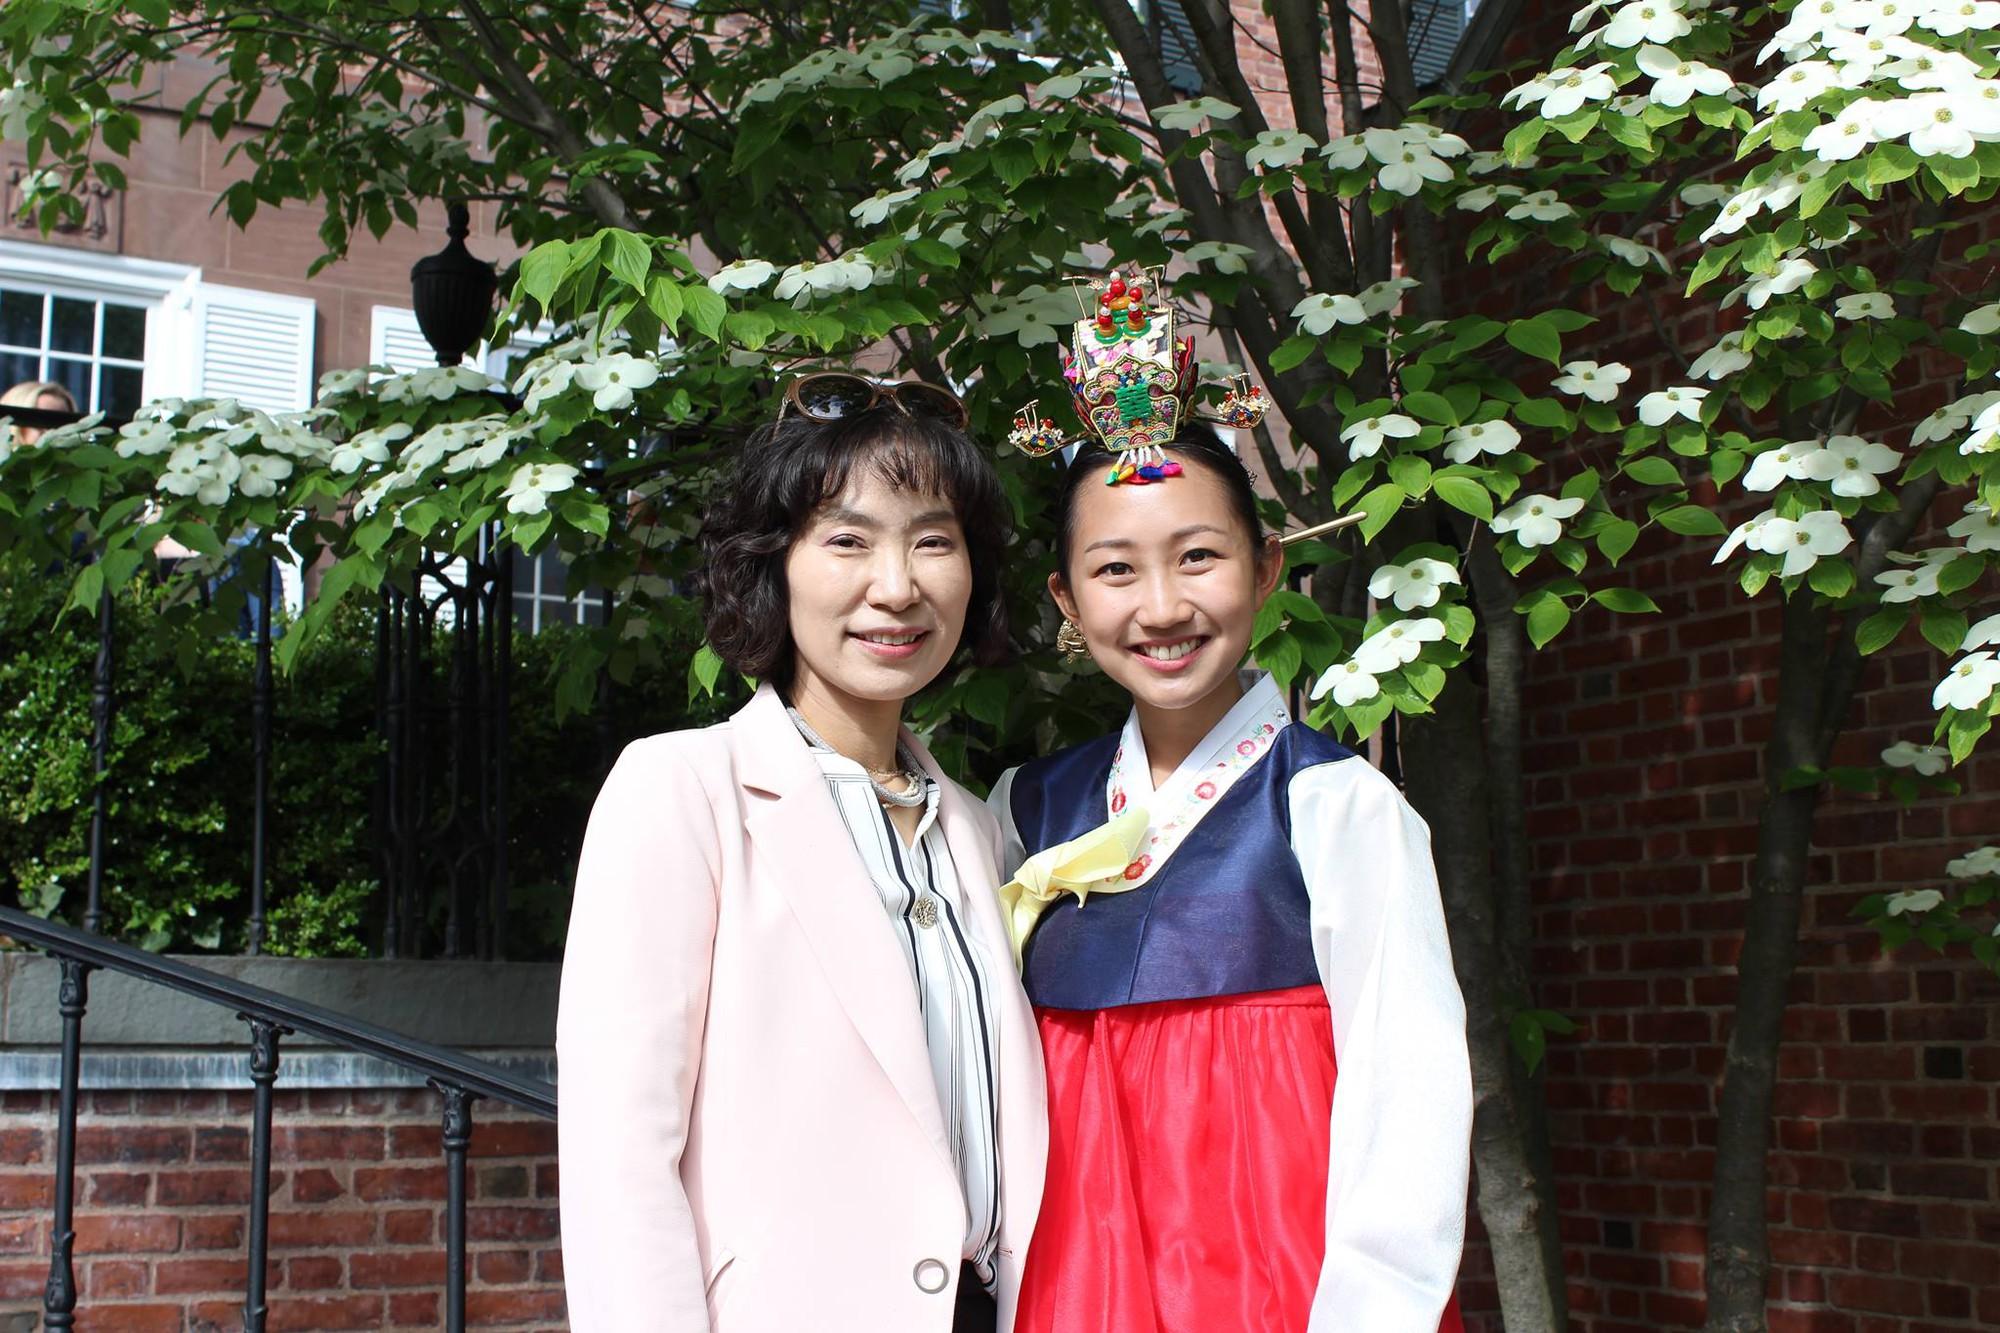 Đã 53 tuổi, người phụ nữ Hàn Quốc vẫn sở hữu làn da đến lớp trẻ cũng phải ganh tị nhờ quy trình chống lão hóa 8 bước này  - Ảnh 1.